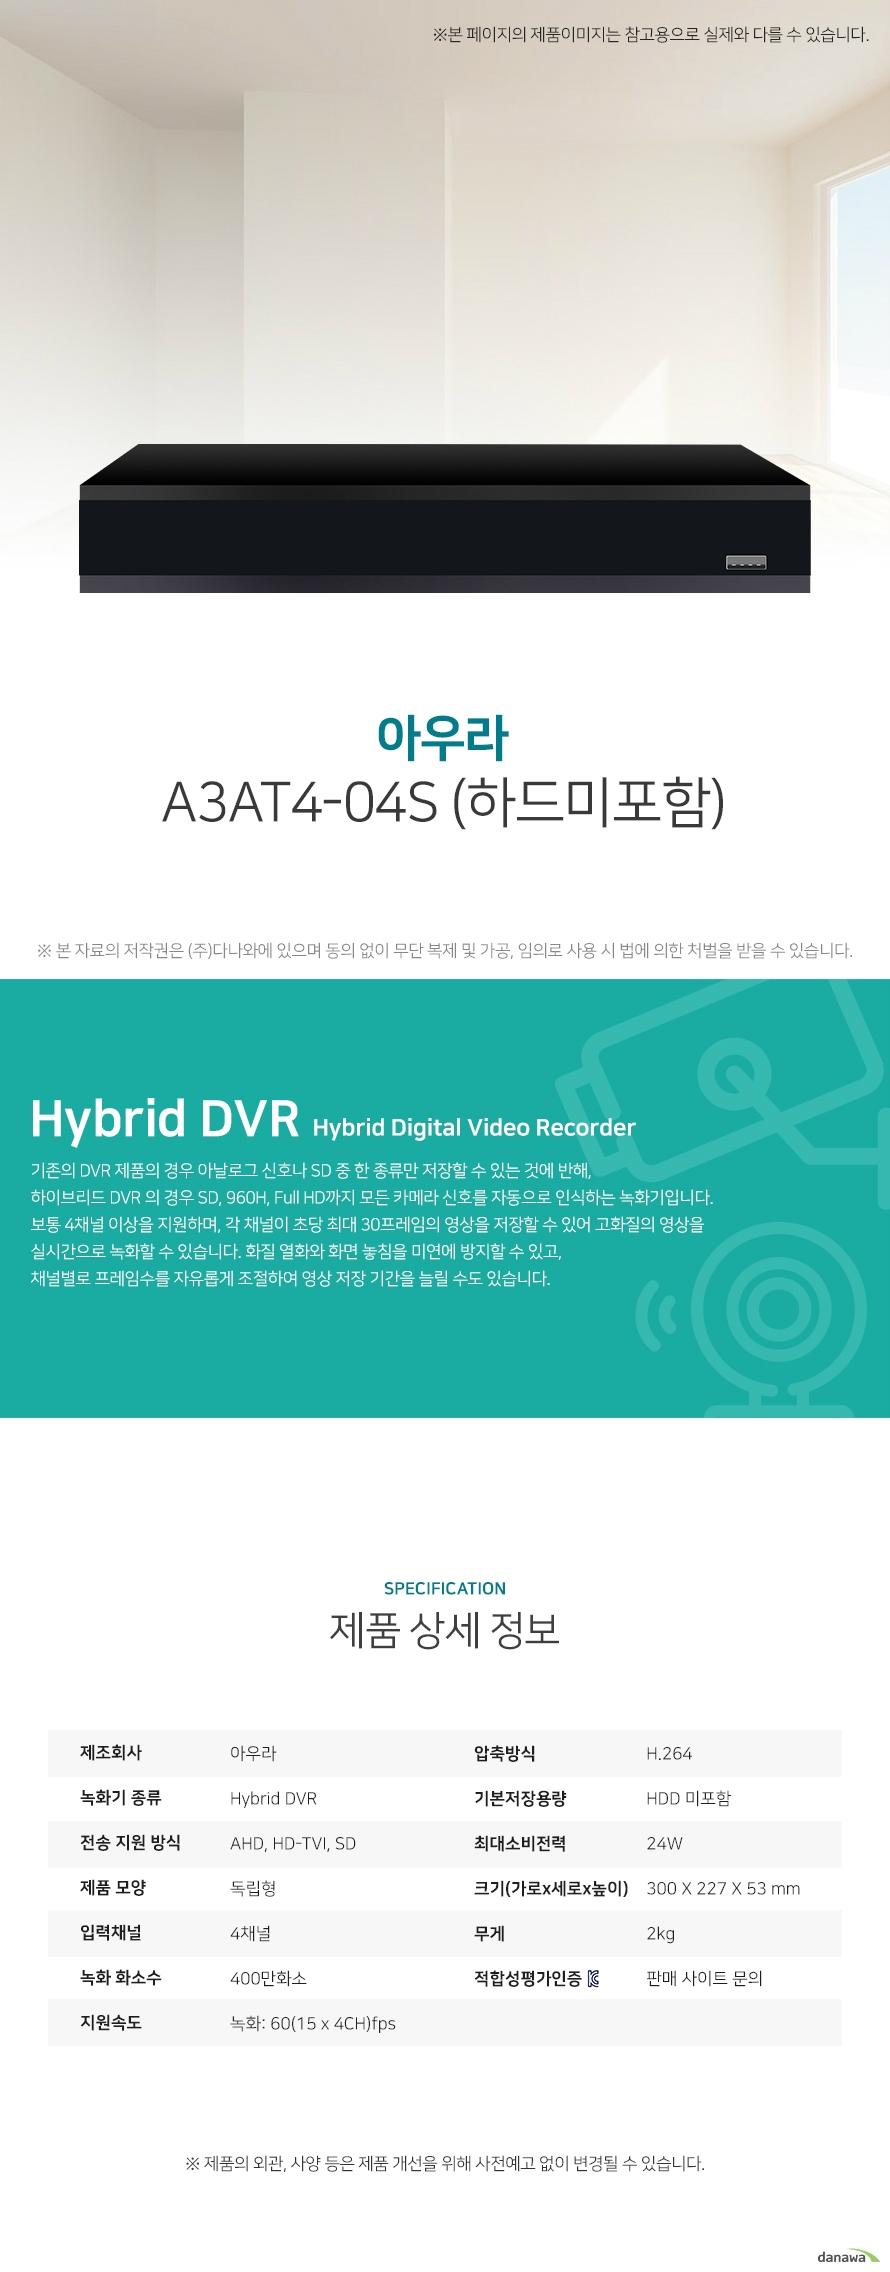 아우라 A3AT4-04S (하드미포함) 상세 스펙 Hybrid DVR / AHD / HD-TVI / SD / 독립형 / 4채널 / 400만화소 / 녹화: 60(15 x 4CH)fps / 압축방식: H.264 / 기본저장용량: HDD 미포함 / 스마트폰지원 / USB 백업 / 24W / 가로: 300mm / 세로: 227mm / 높이: 53mm / 무게: 2kg